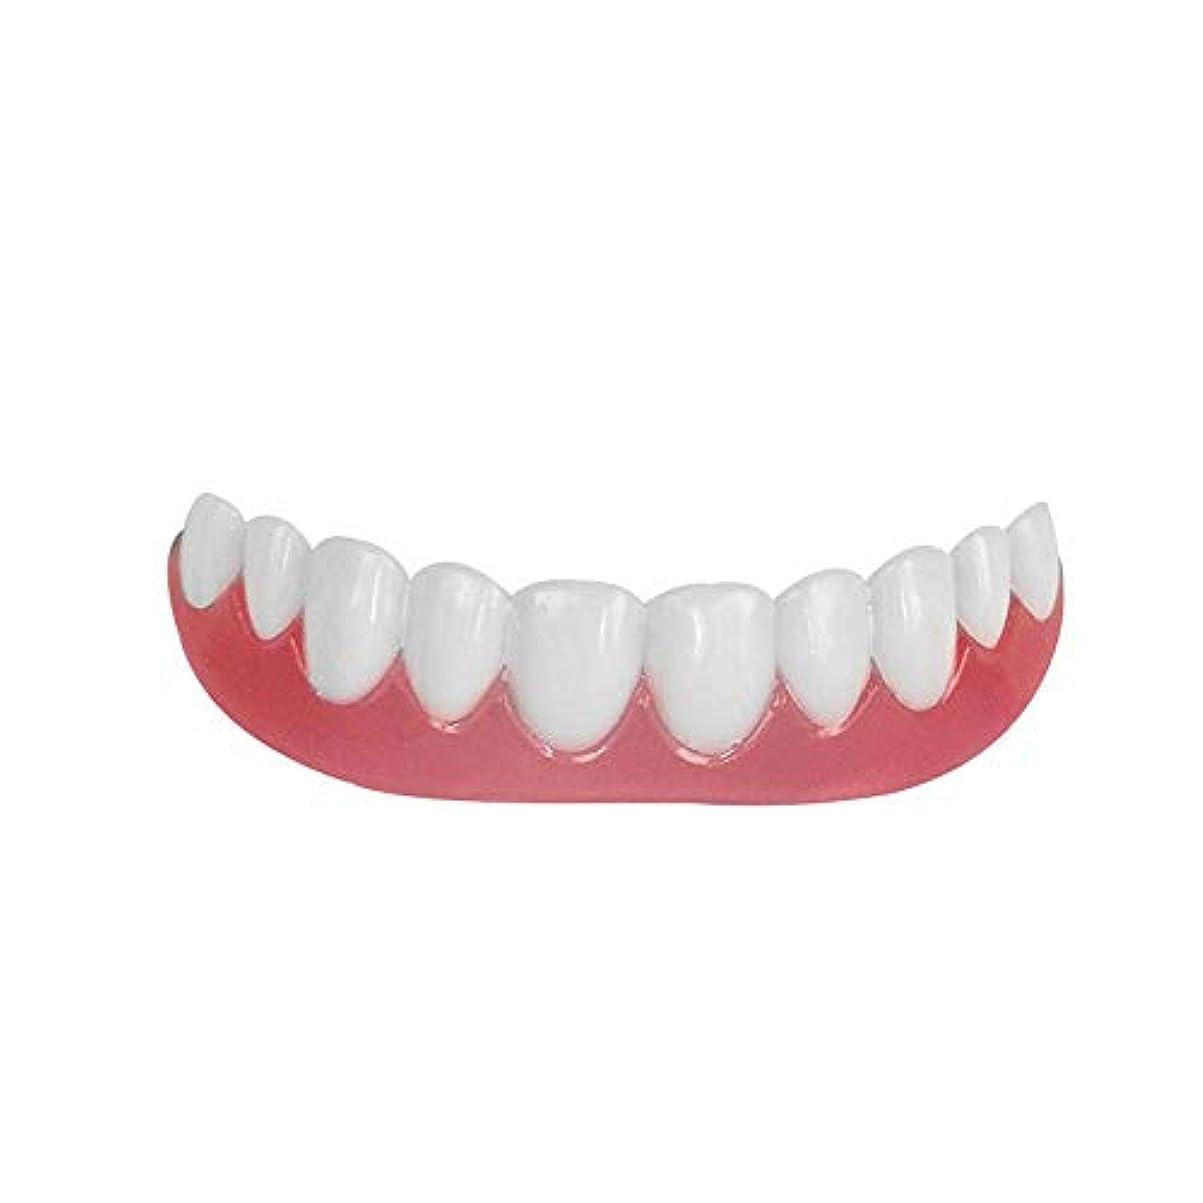 メトロポリタン増幅する労苦シリコーン模擬歯上歯、ホワイトニングデンタルステッカー、歯ホワイトニングセット(3pcs),A